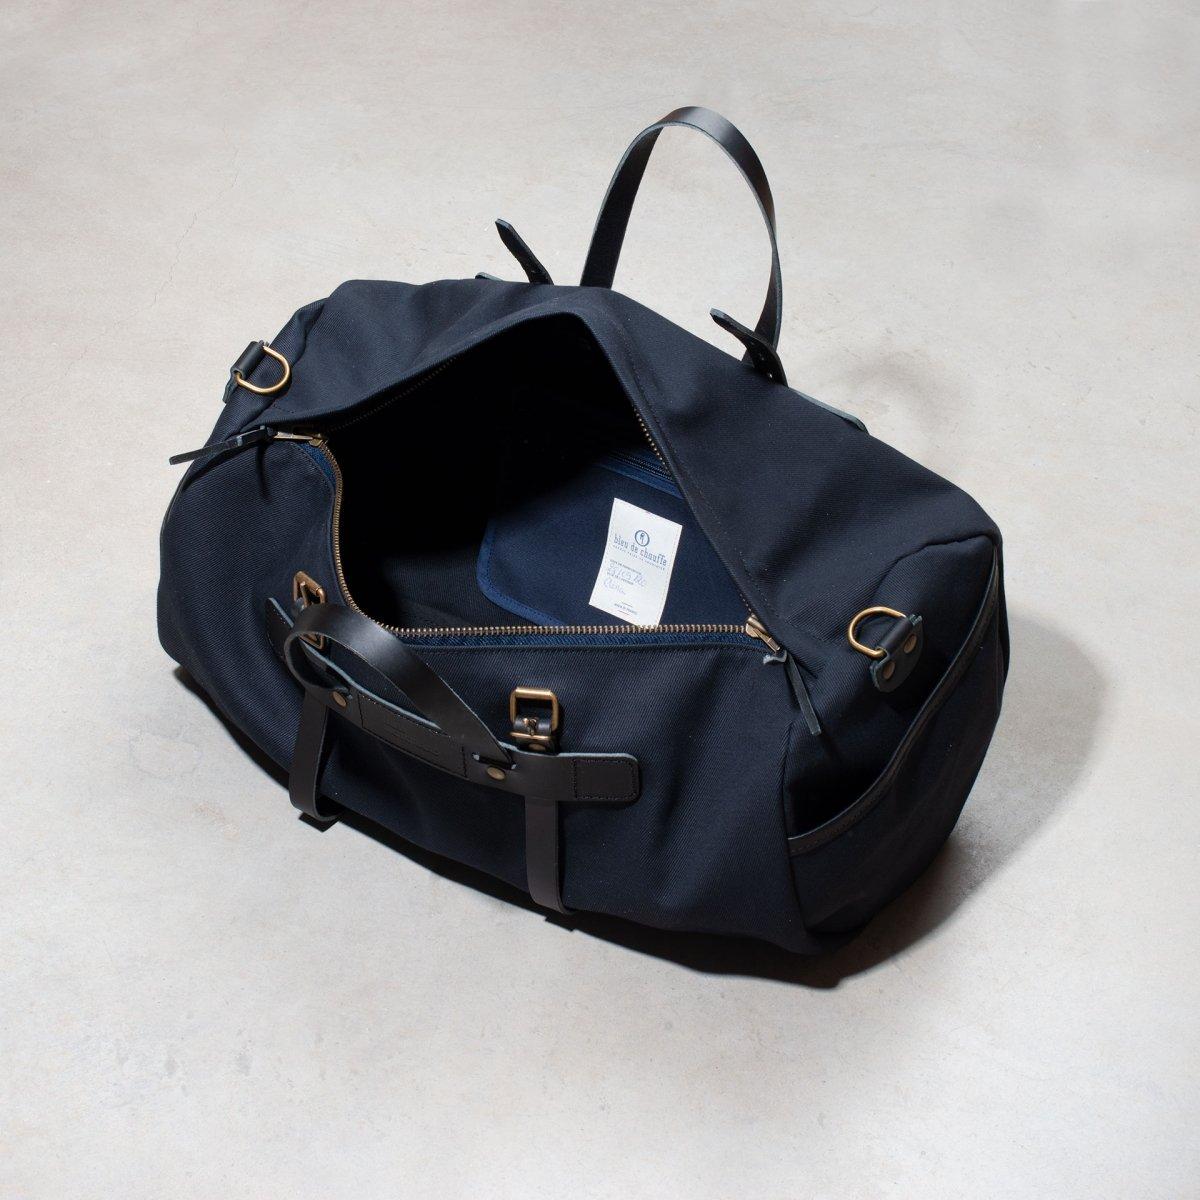 Sac Bivouac Toile - Noir (image n°4)